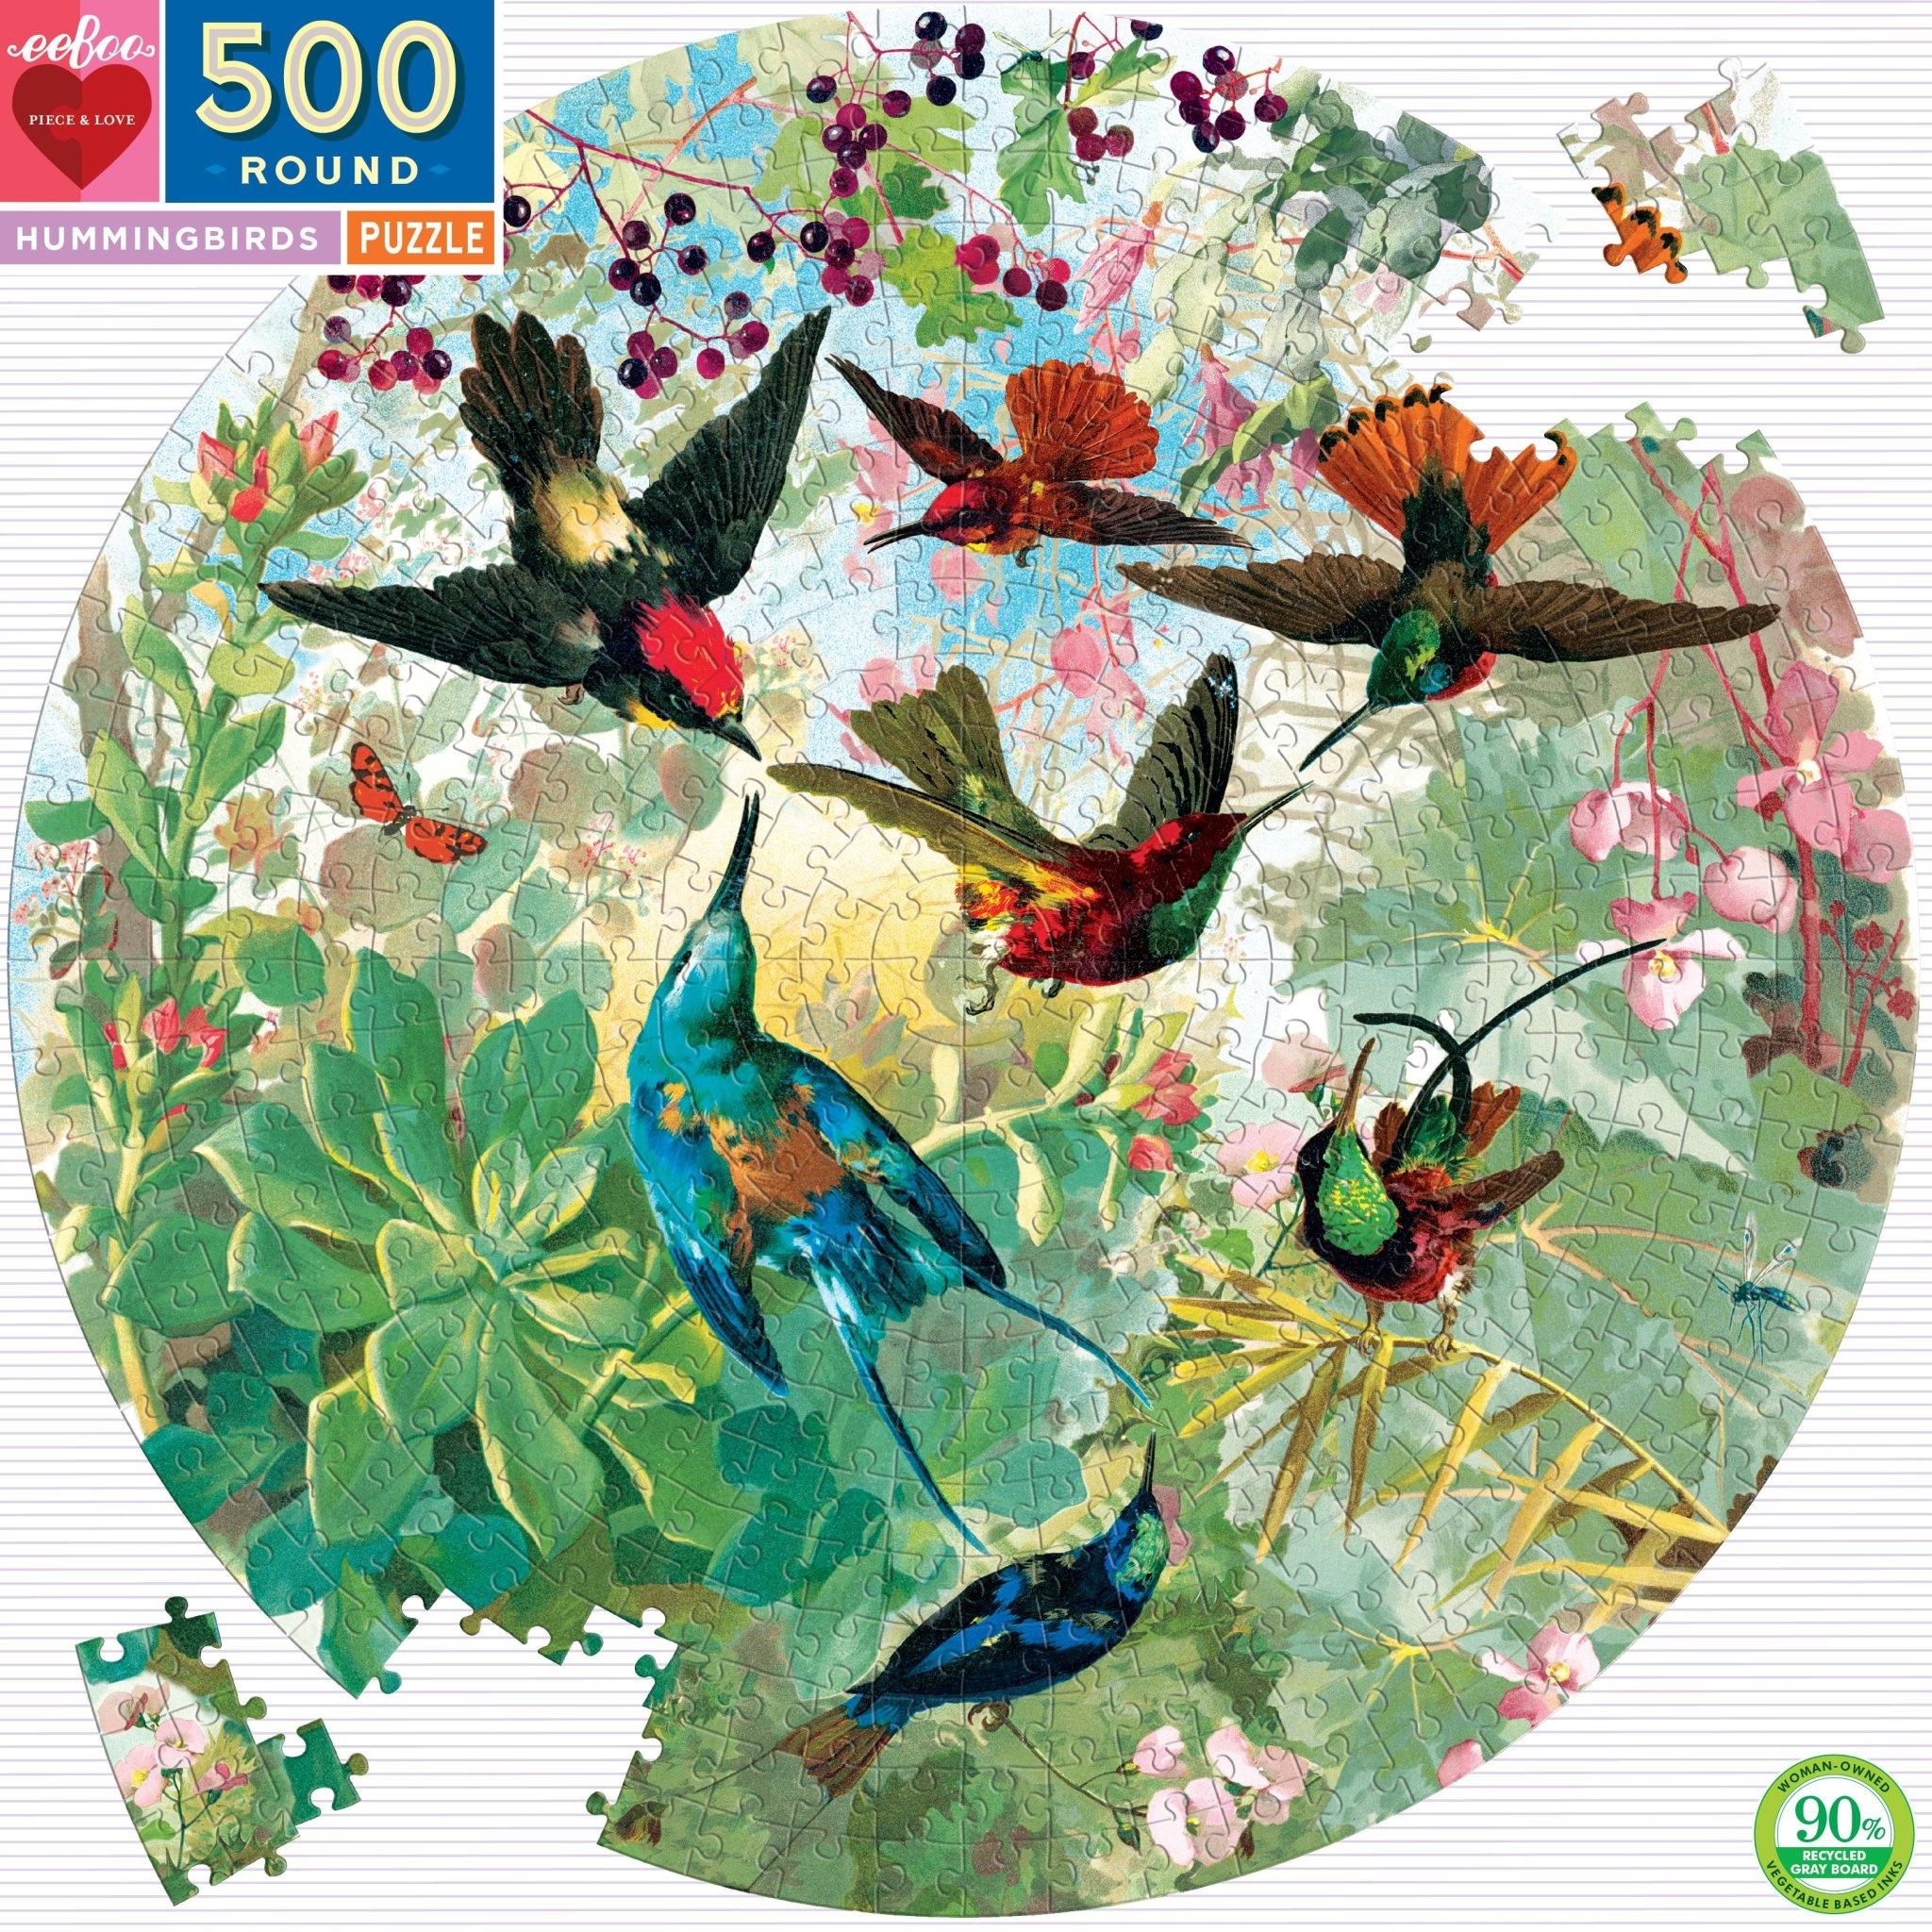 Hummingbirds Puzzle (500 Piece Round Puzzle)